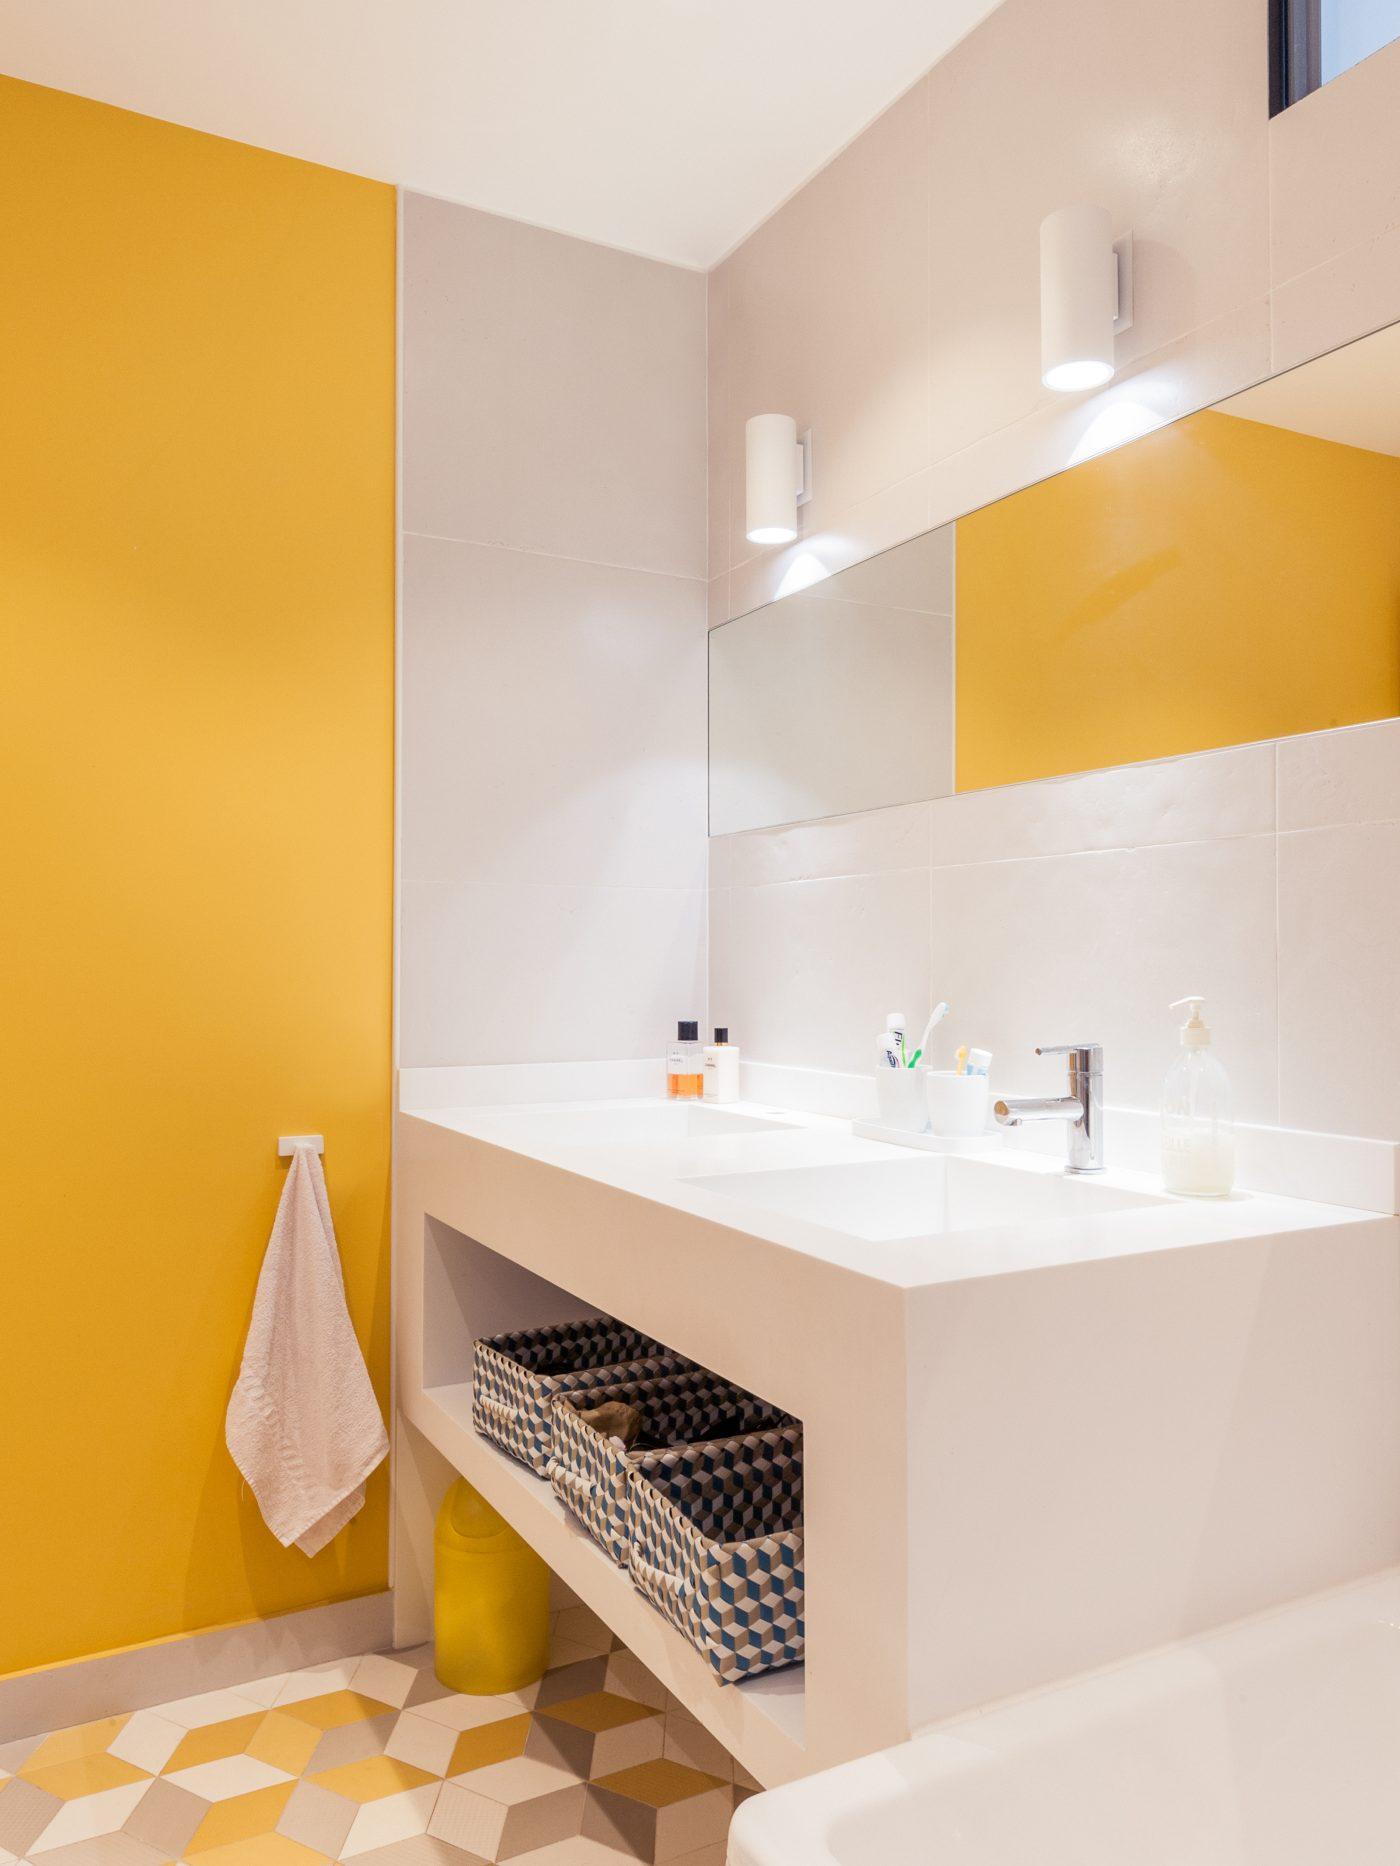 http://www.badkamers-voorbeelden.nl/afbeeldingen/moderne-badkamer-grijs-wit-en-geel-2.jpg